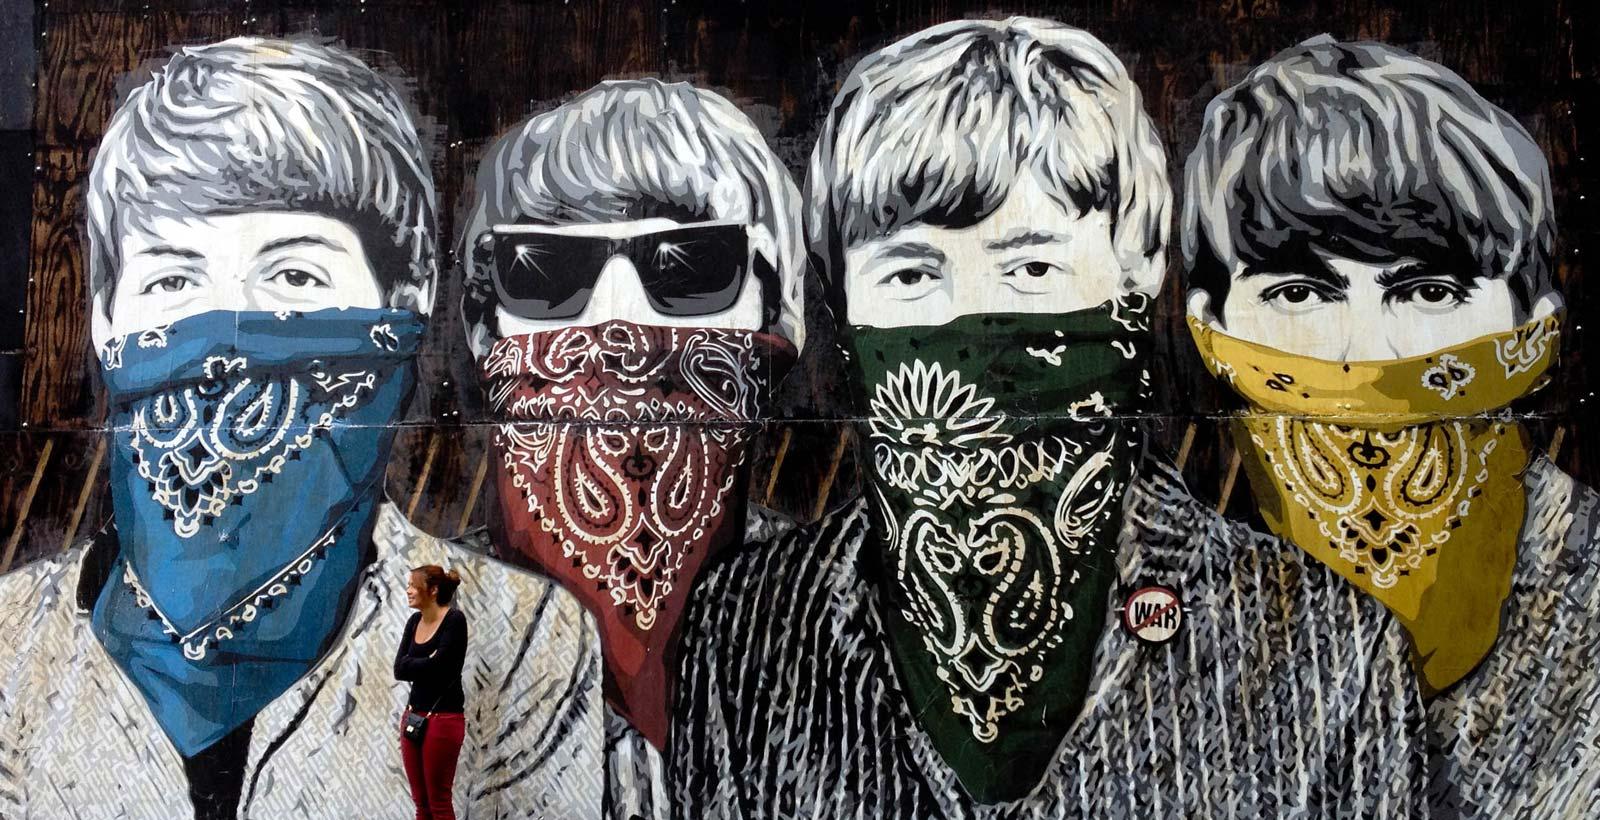 Quatre garçons dans le vent, masqués (Image : James Jardine).